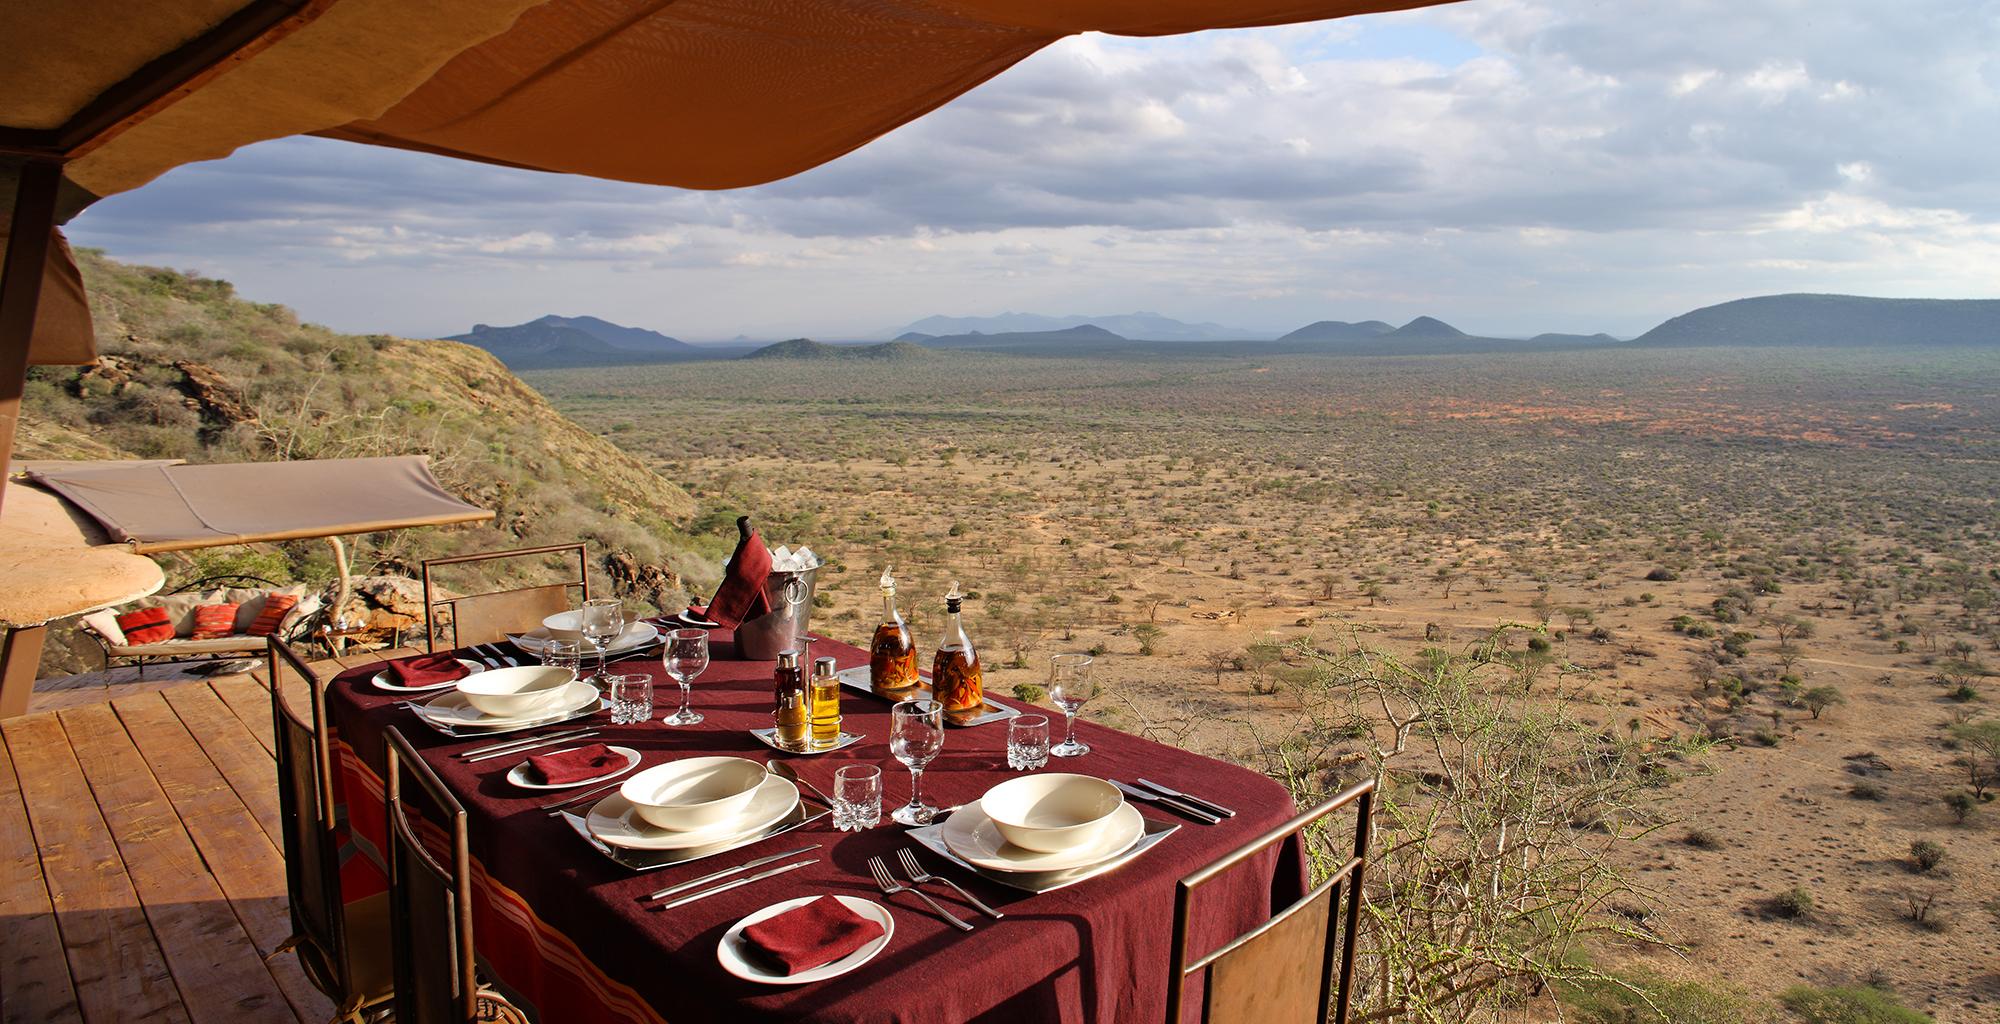 Kenya-Saruni-Samburu-Dining